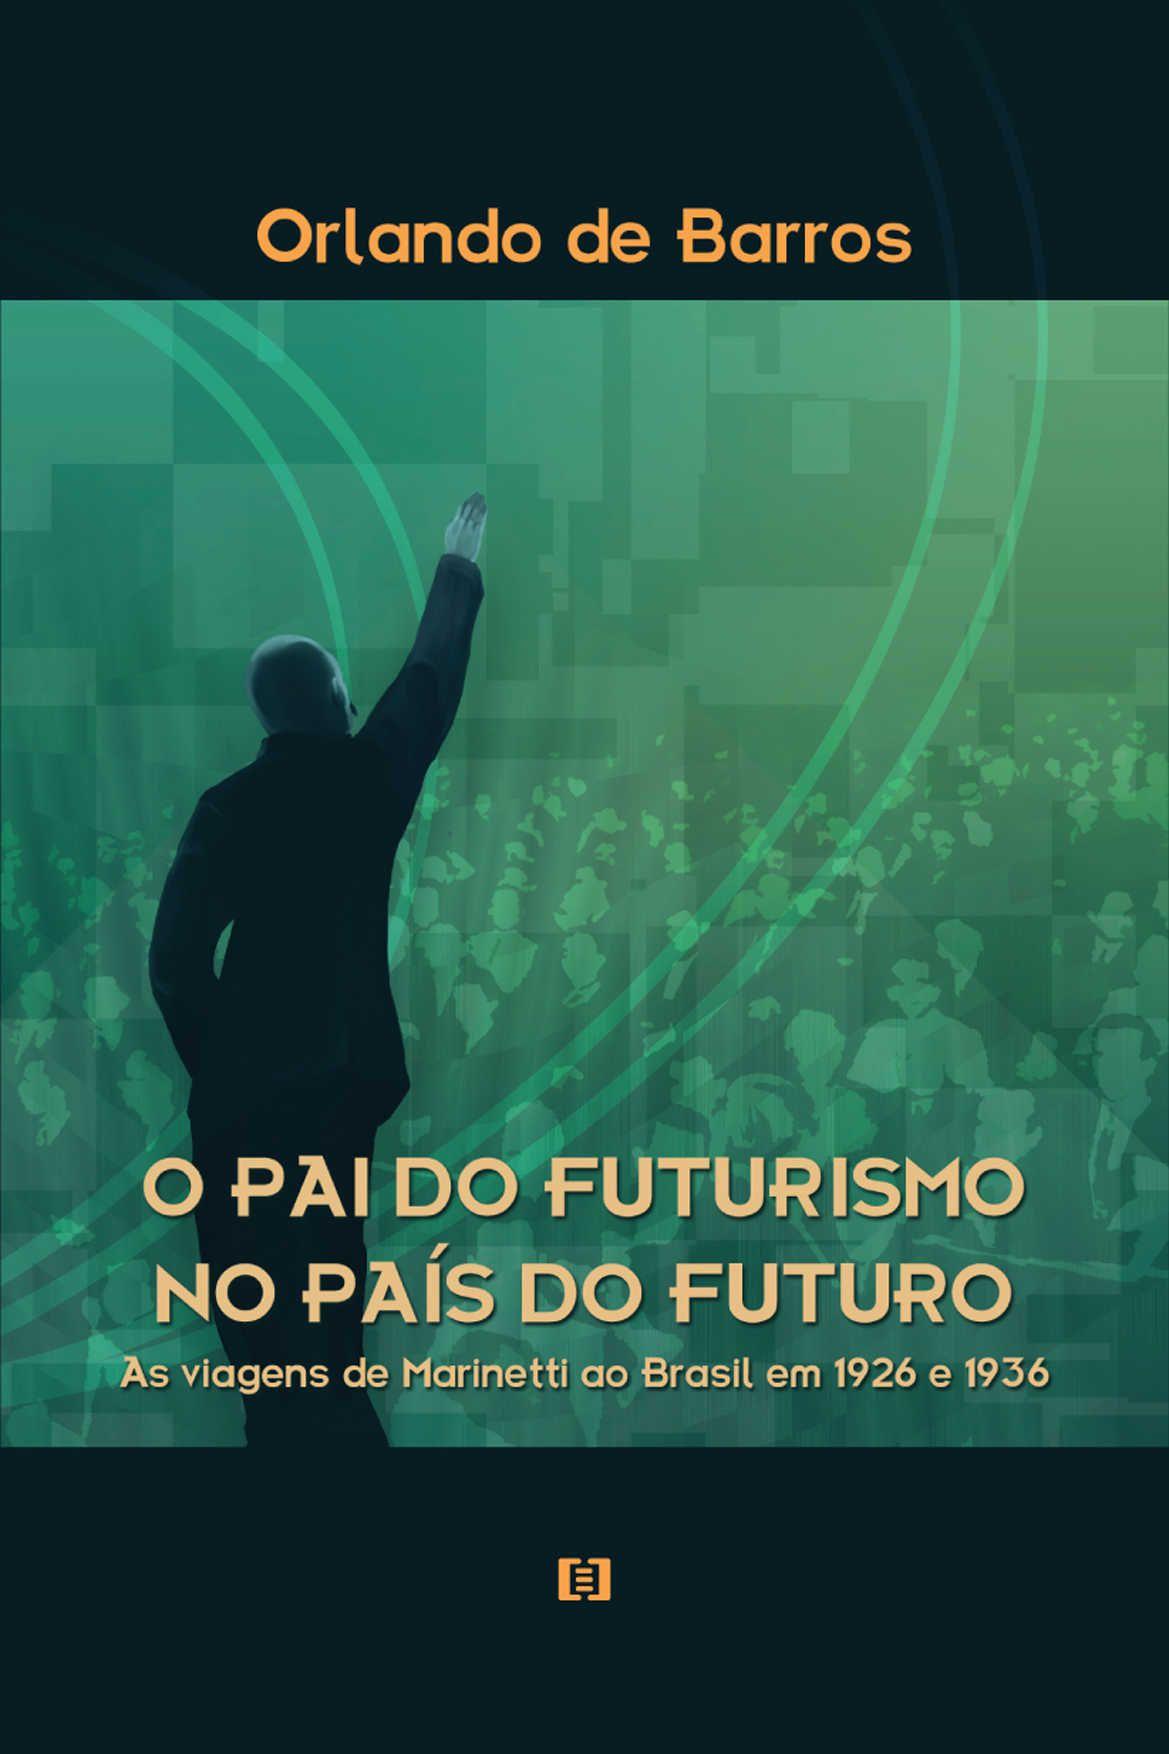 O pai do futurismo no país do futuro: As viagens de Marinetti ao Brasil em 1926 e 1936